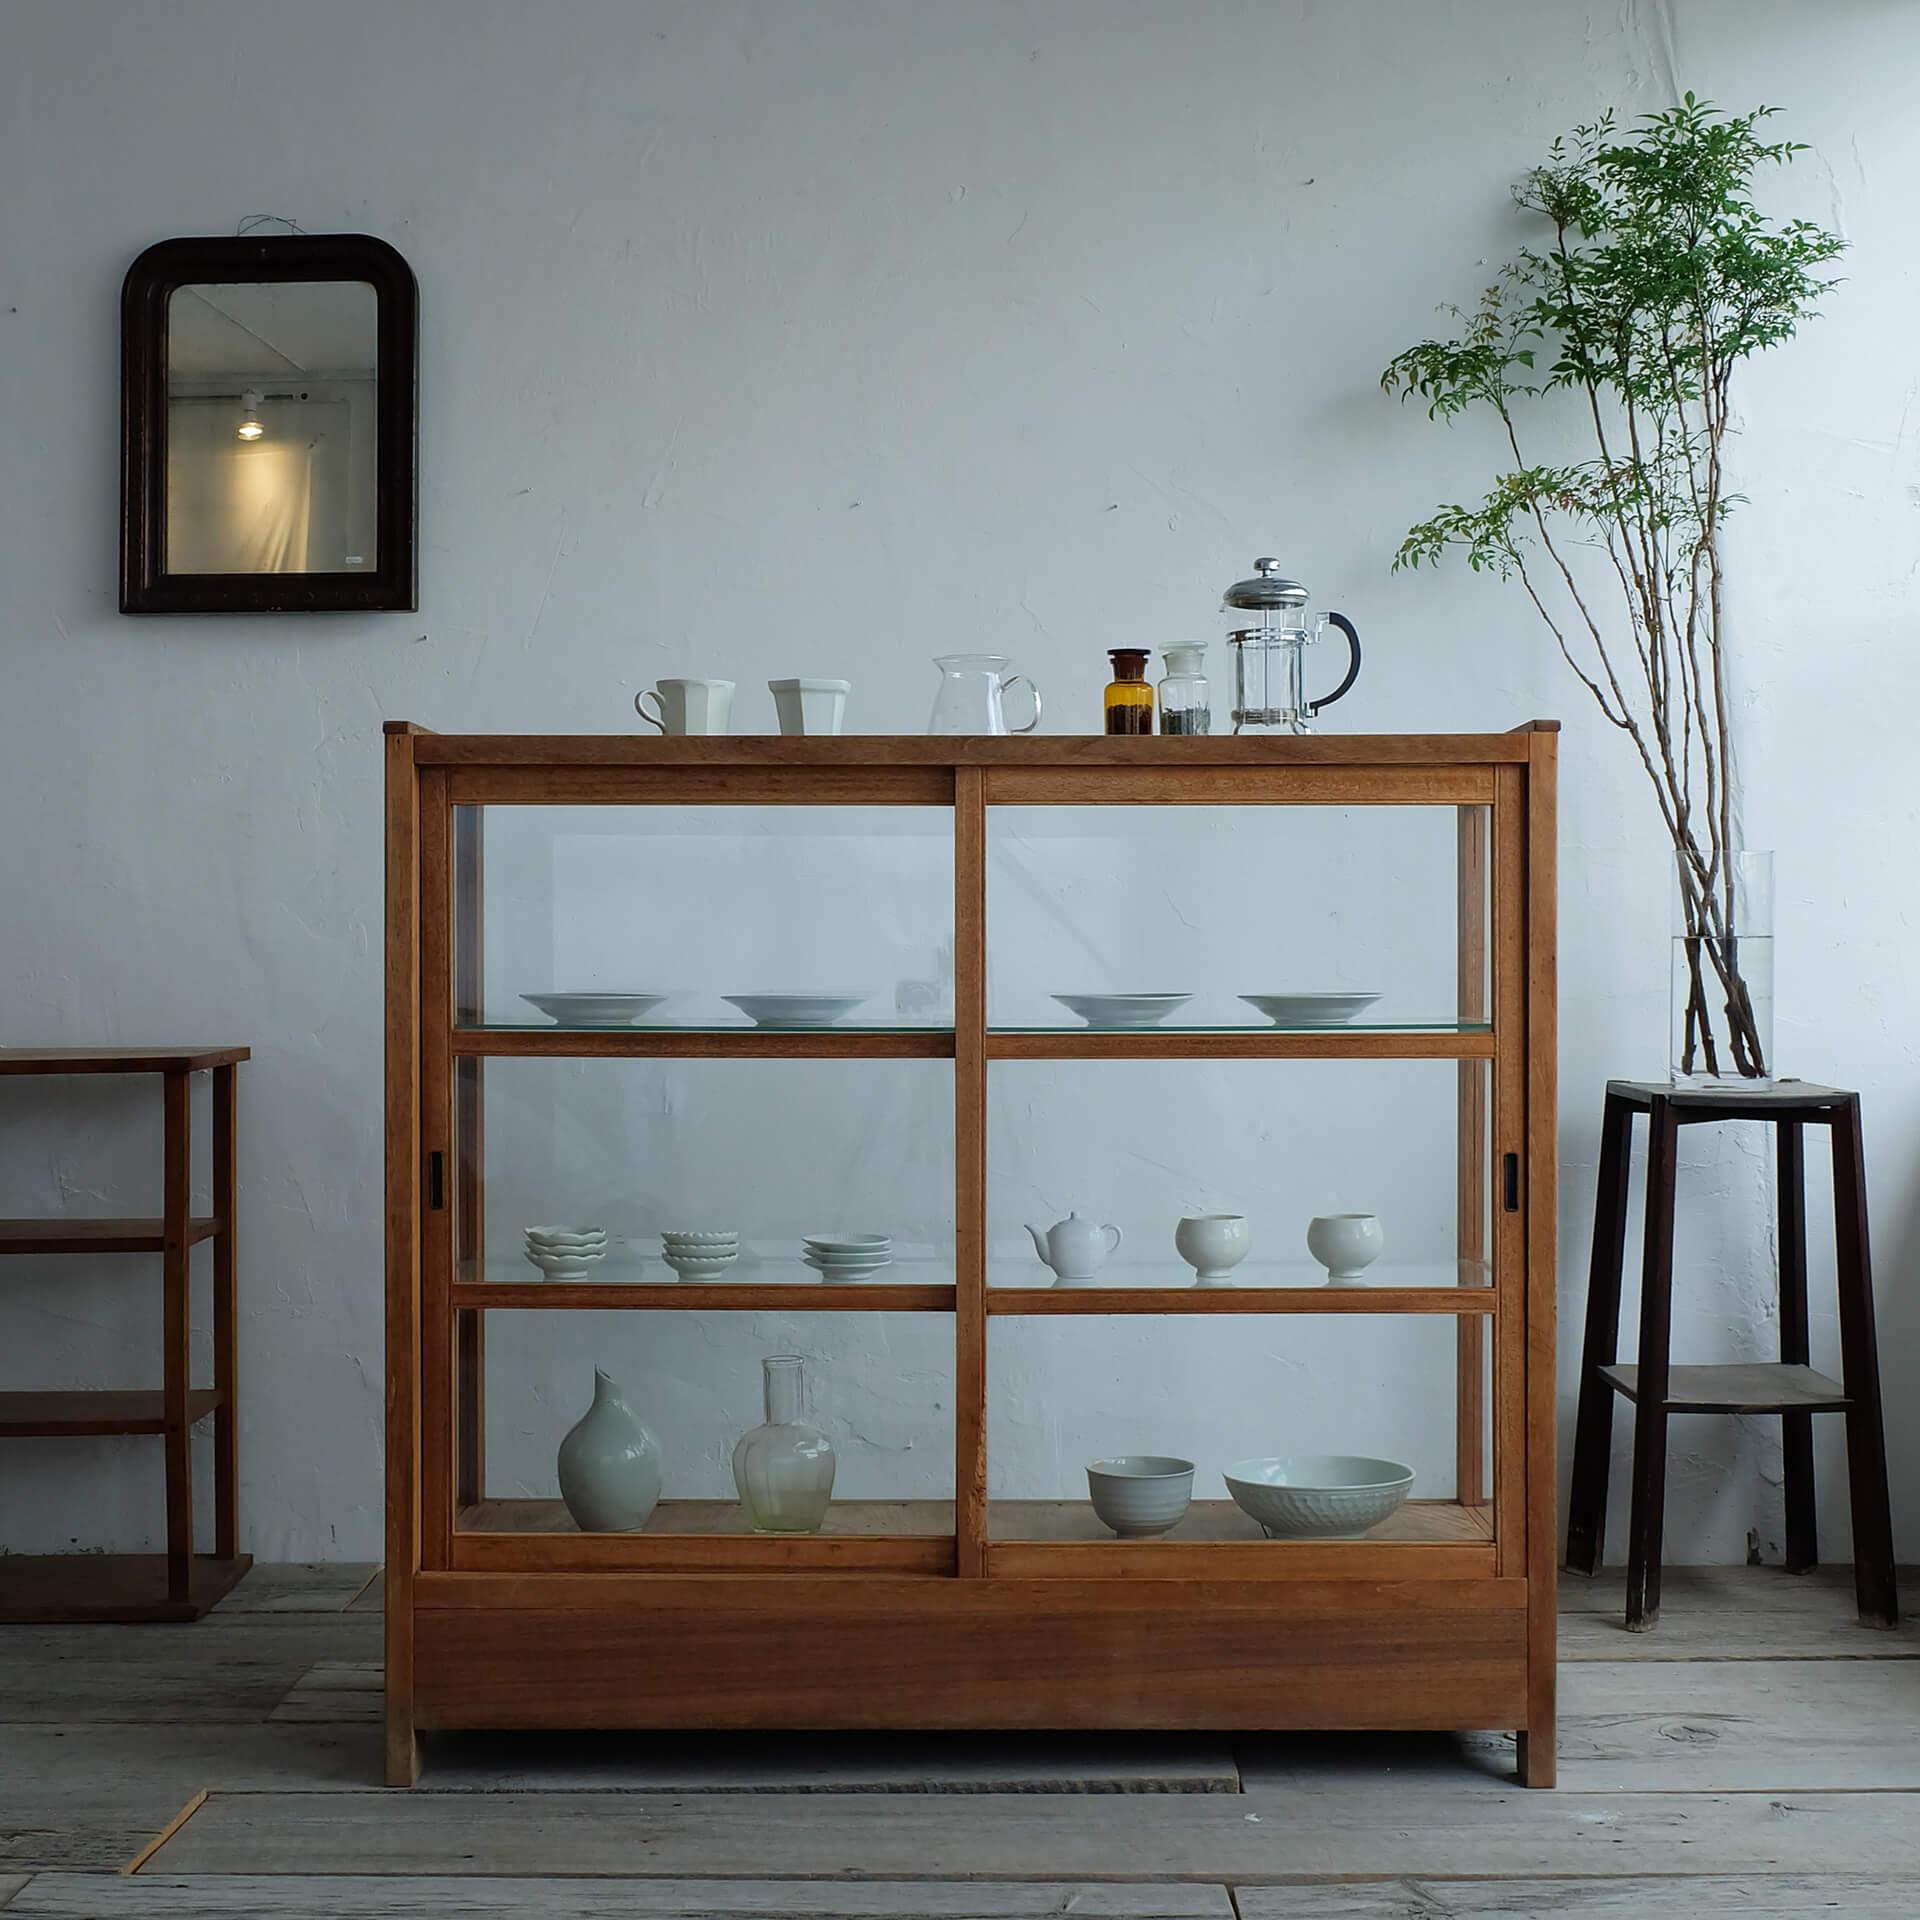 この写真はイッカポップアップストアで販売される家具の棚